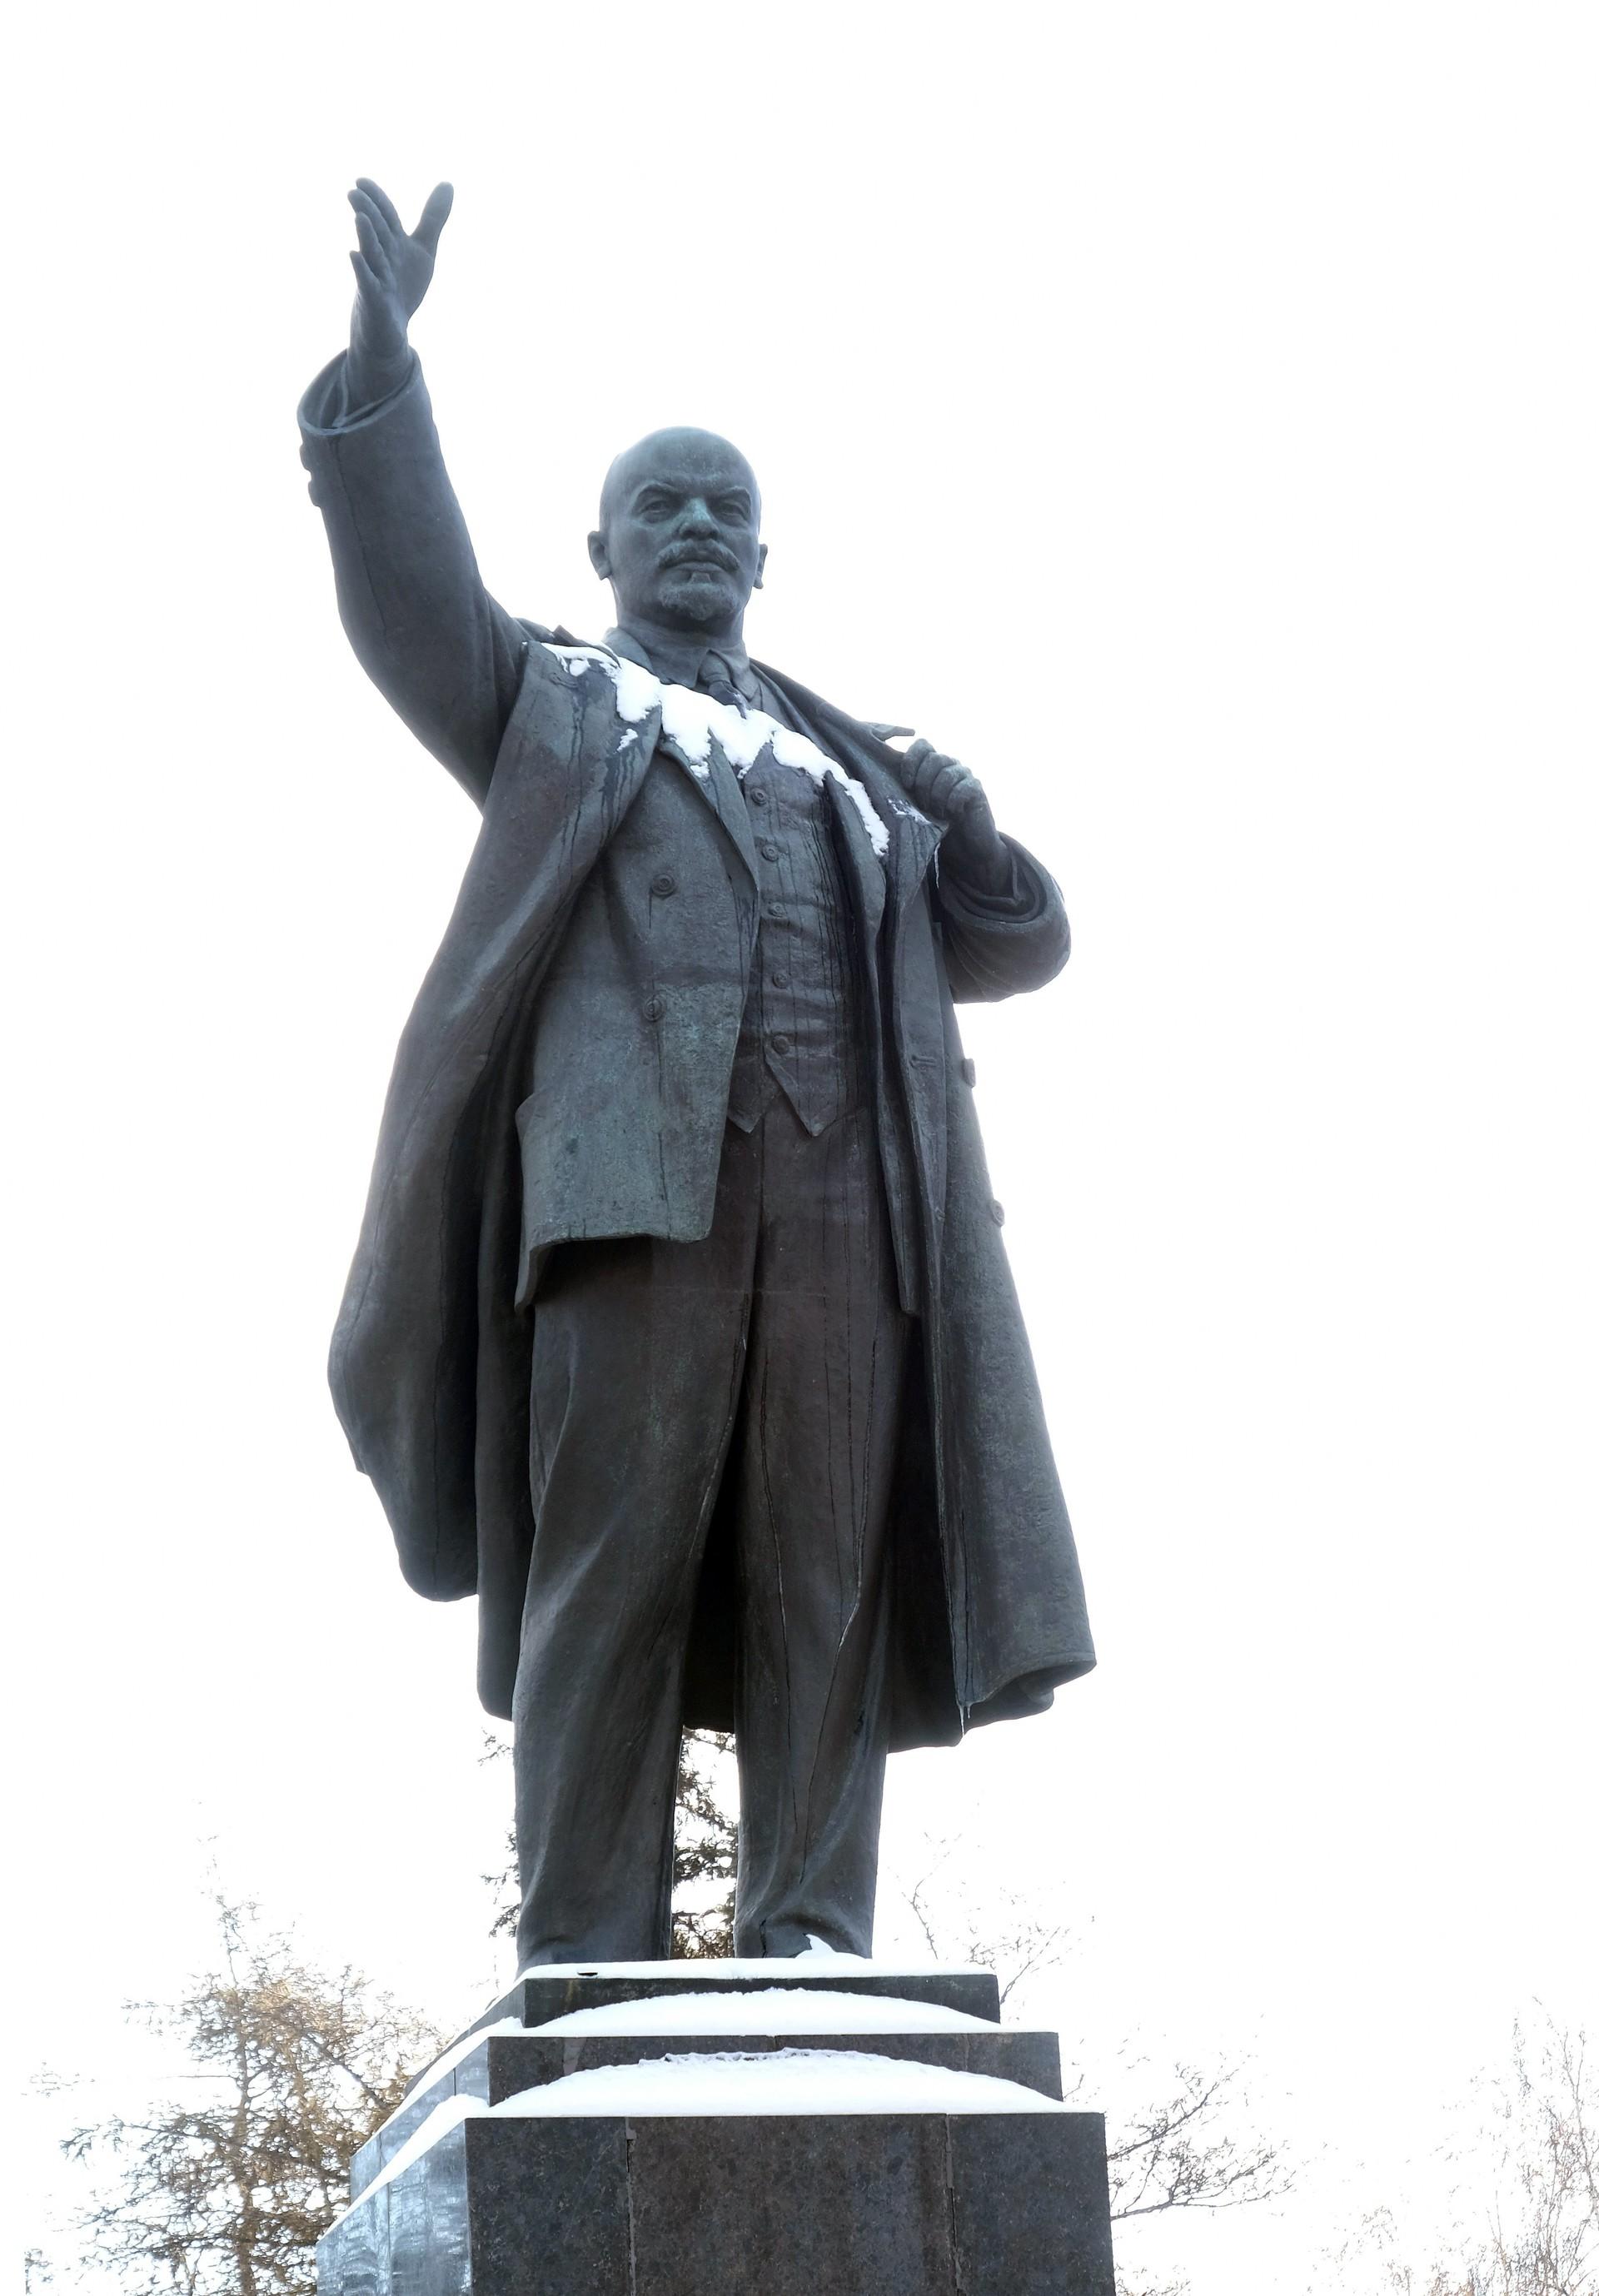 Patung Lenin di Irkutsk.